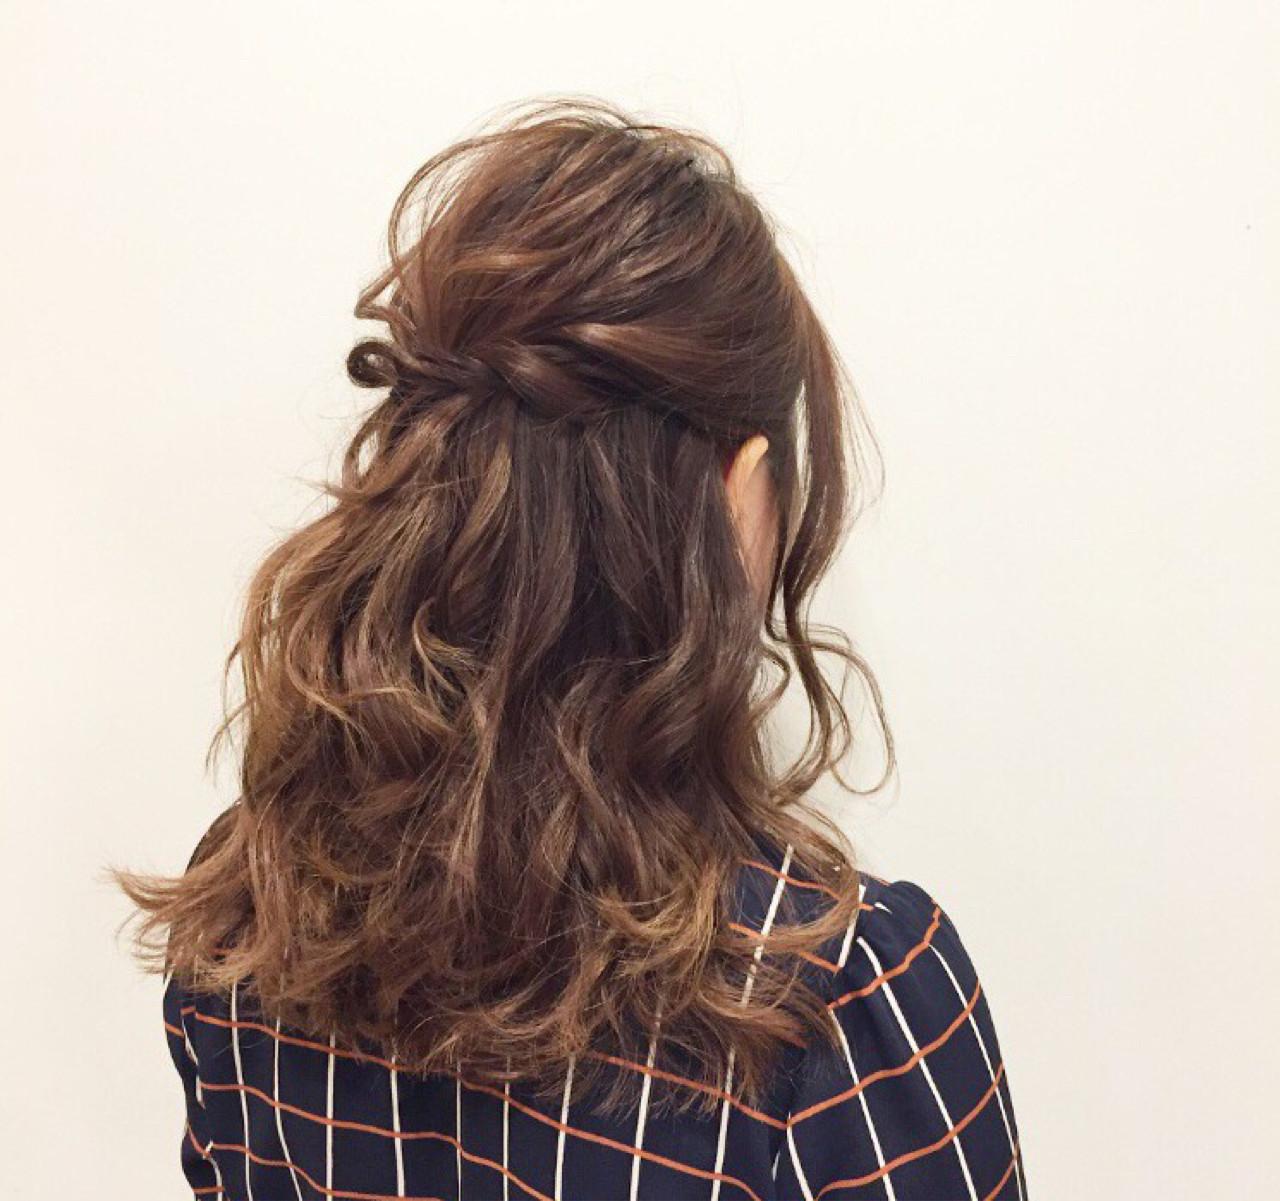 結婚式 ヘアアレンジ 謝恩会 簡単ヘアアレンジ ヘアスタイルや髪型の写真・画像